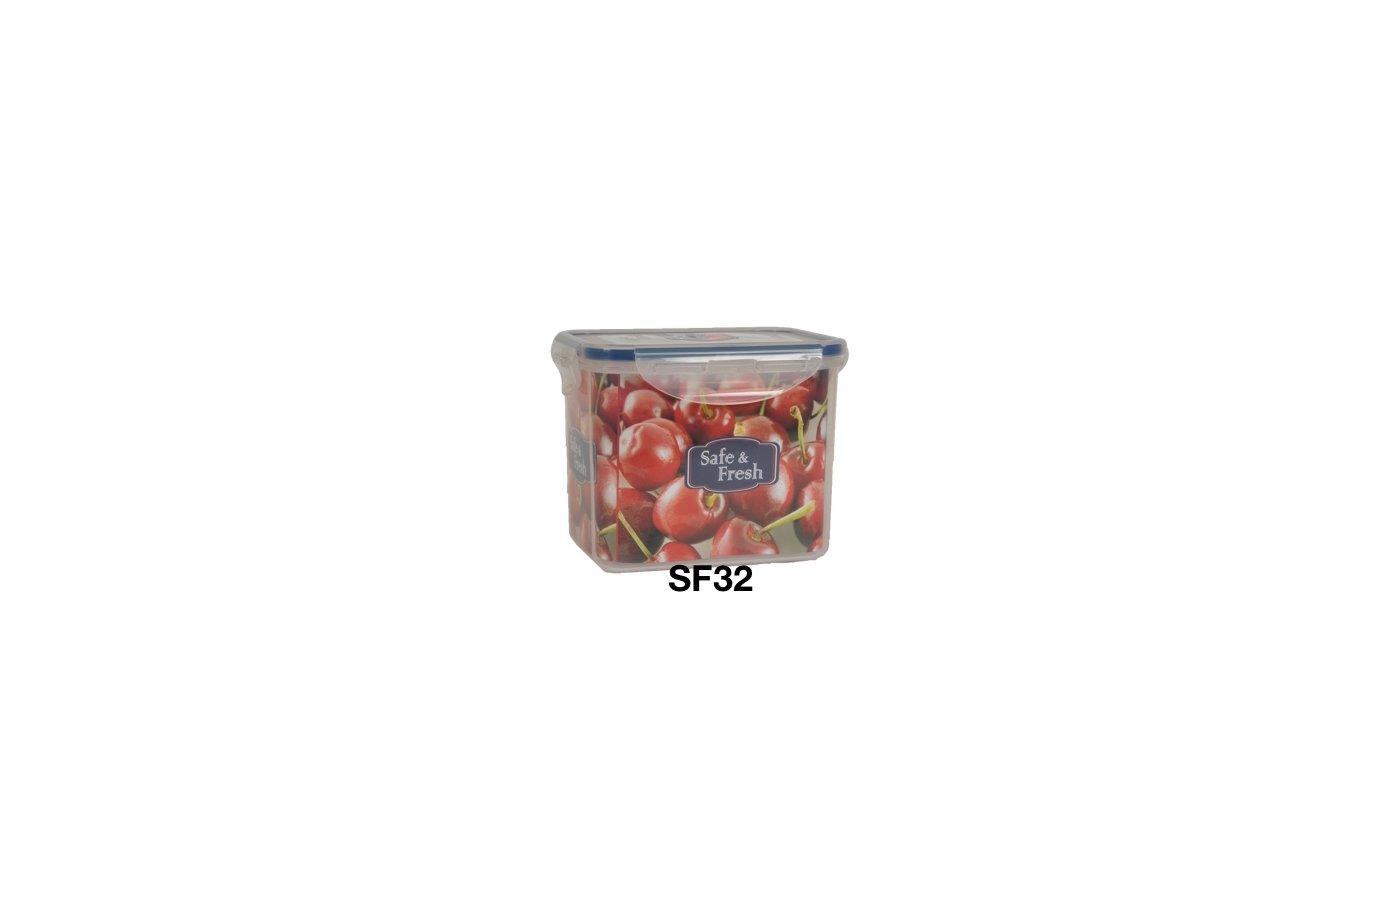 Пластиковая посуда для СВЧ Тек А Тек SF3-2 Контейнер для СВЧ 1.0л